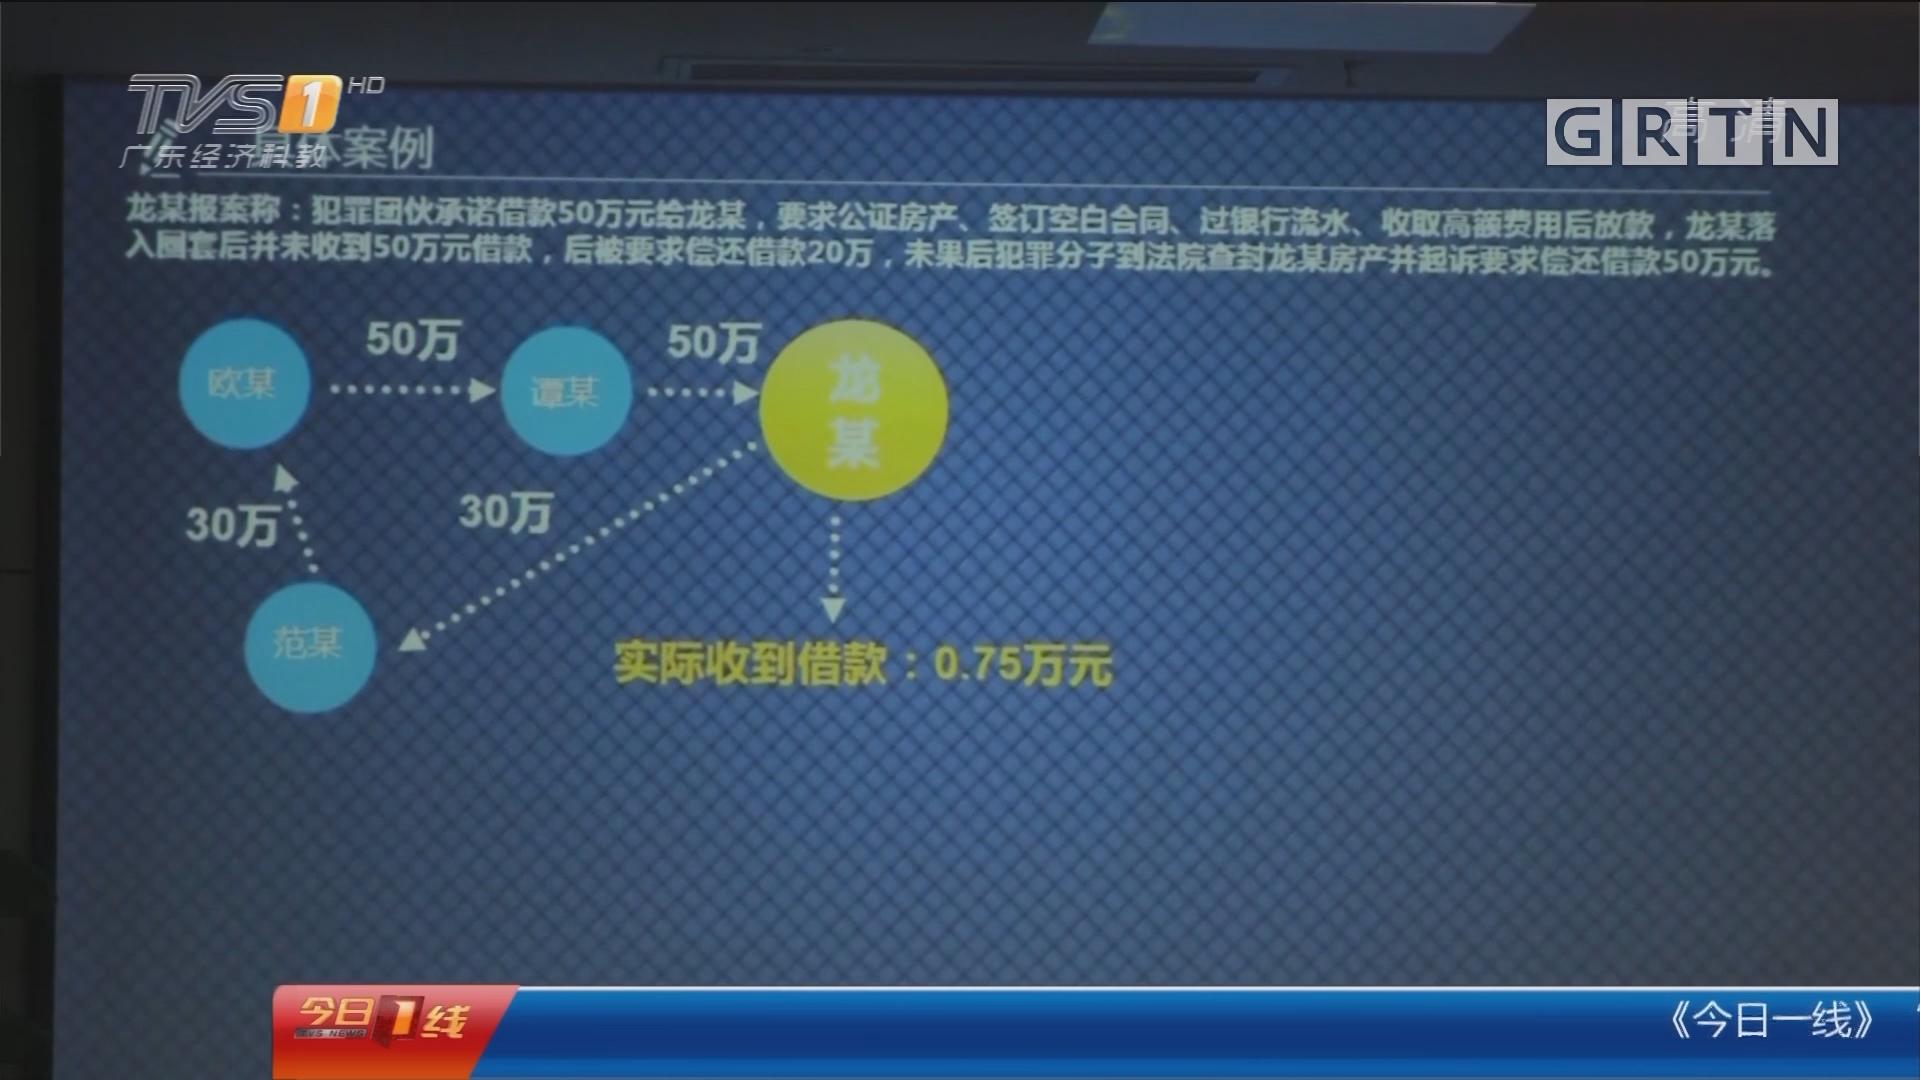 """深圳:贷5万负债340万 """"套路贷""""套你没商量"""